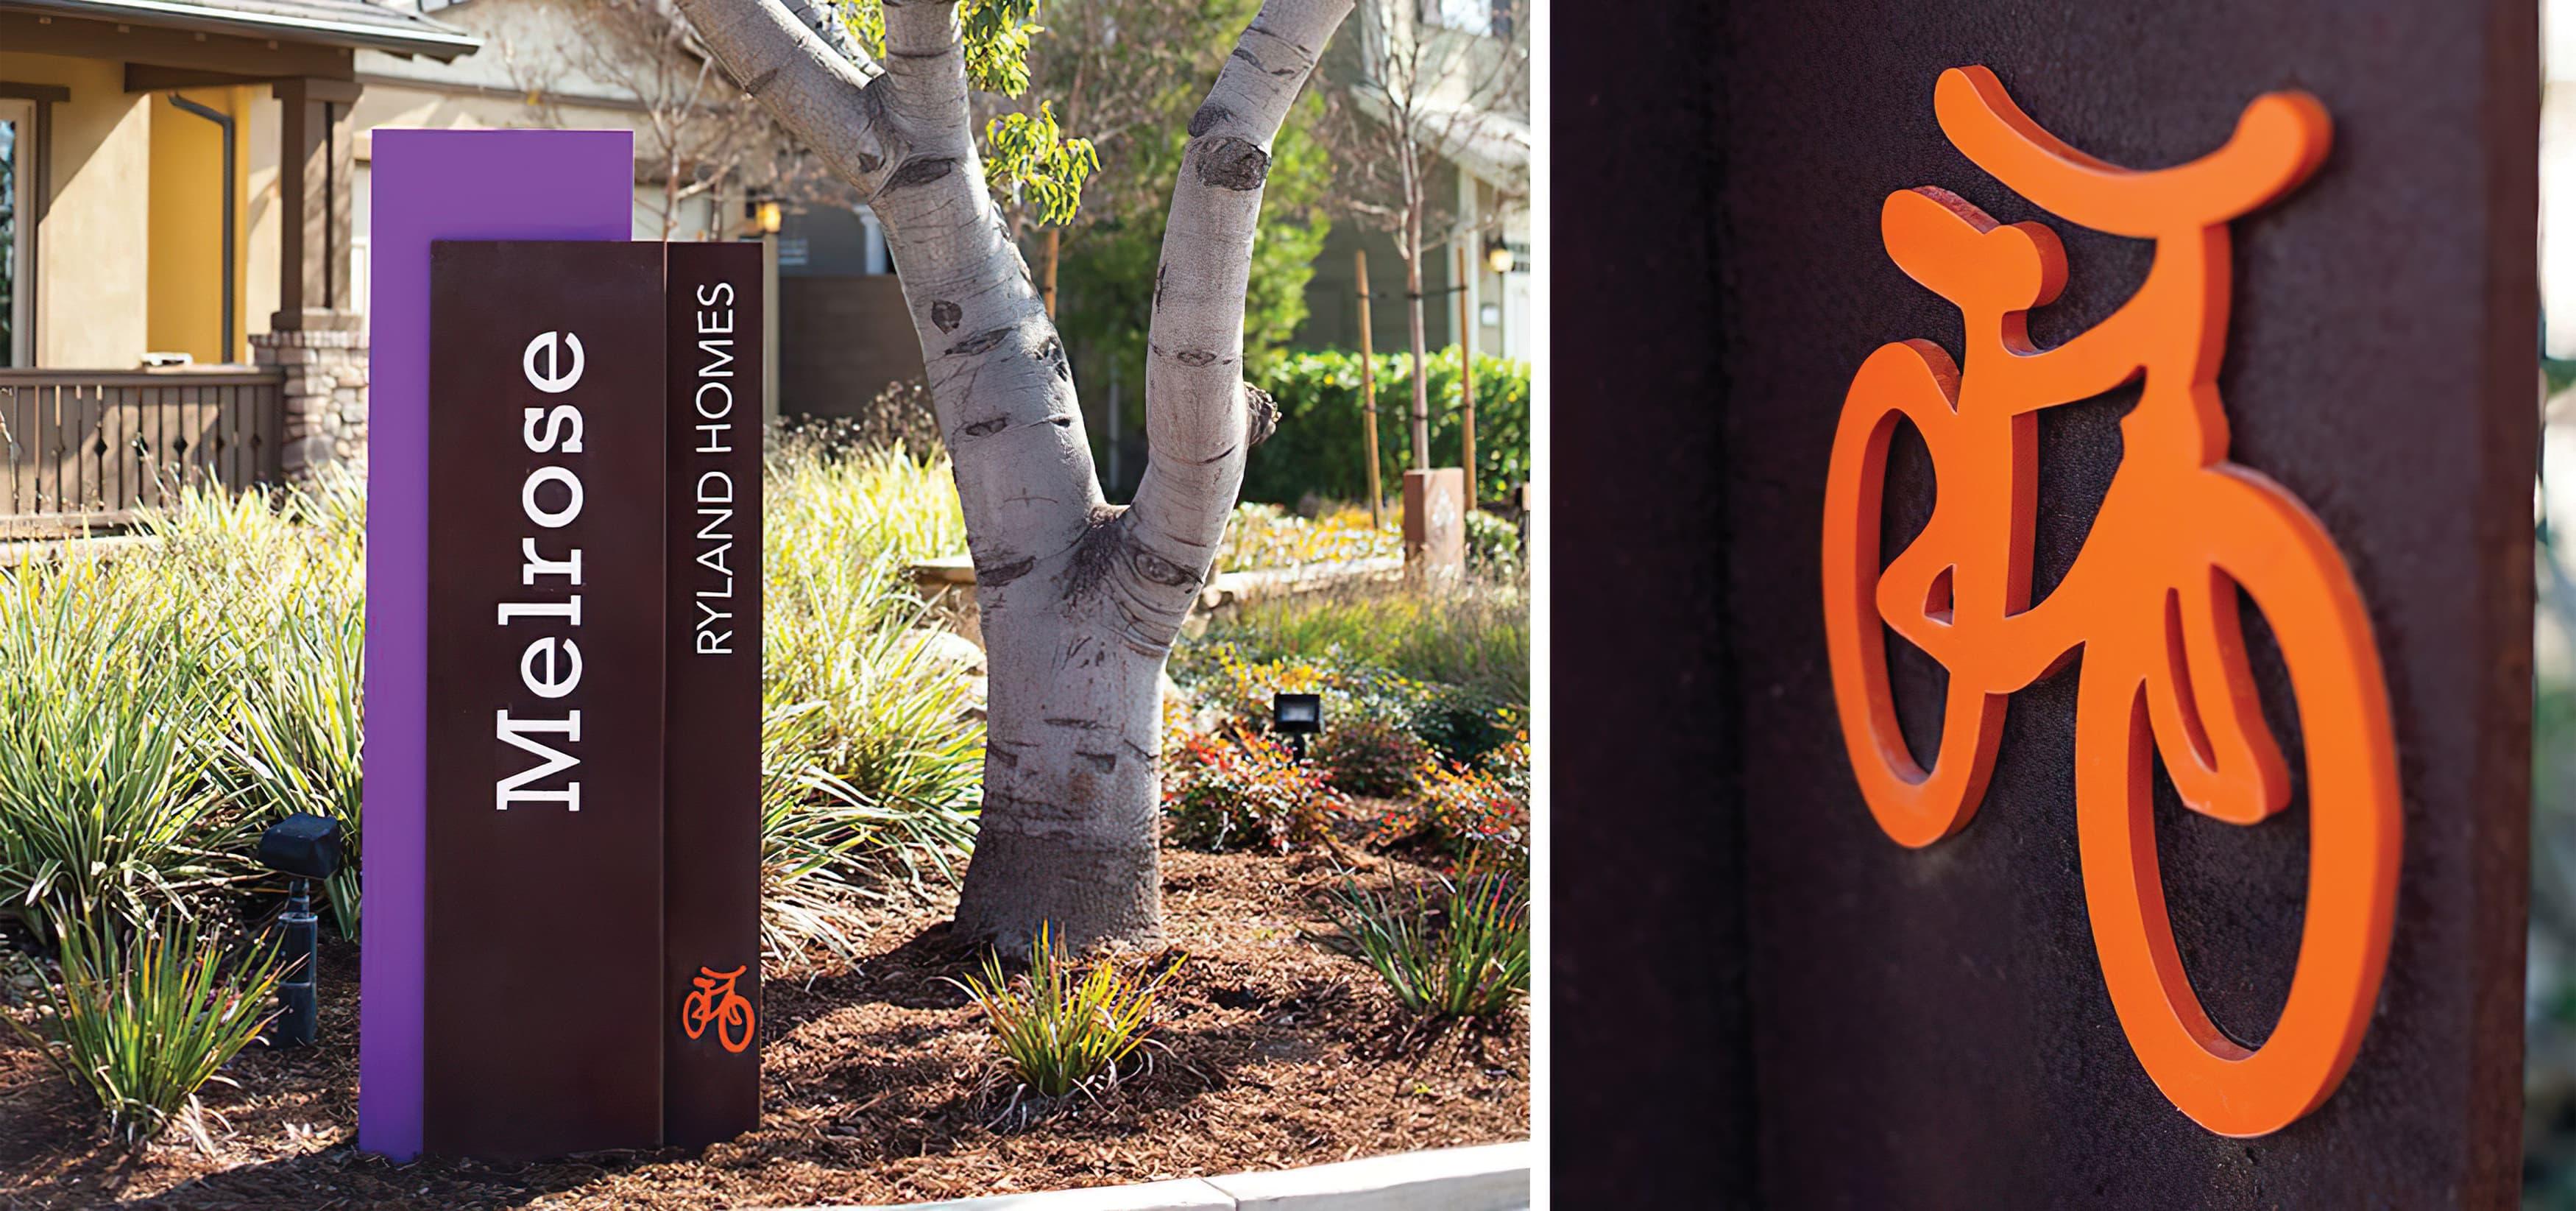 Pavilion Park. Irvine Great Park. Residential Community Park Design. Park Identity Signage Detail.